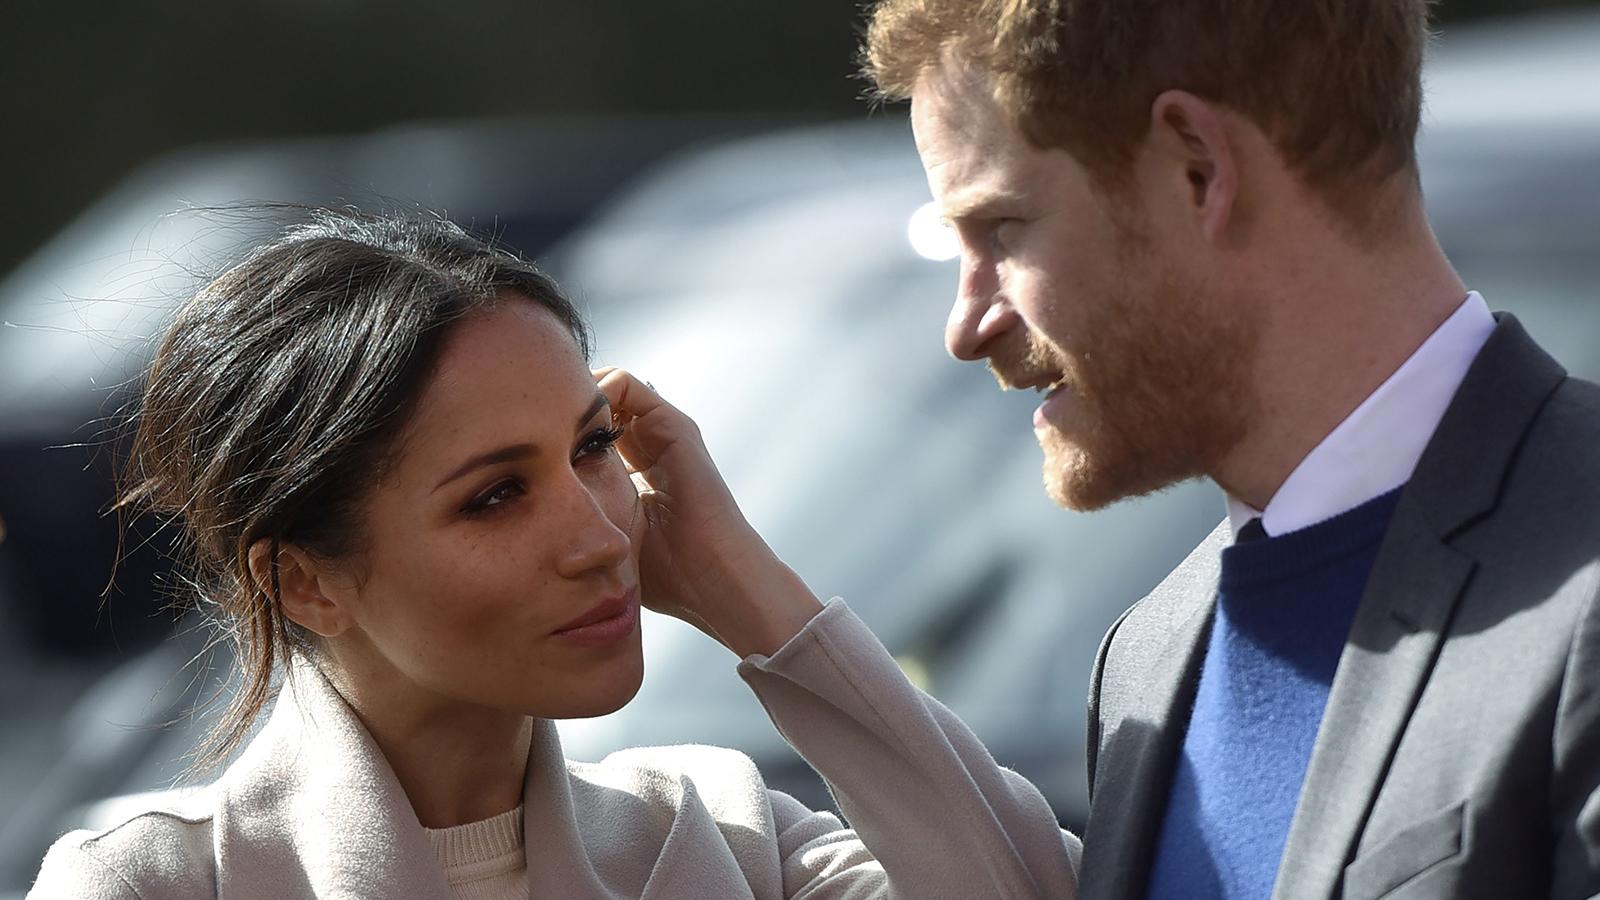 Hochzeit von Prinz Harry und Meghan Markle